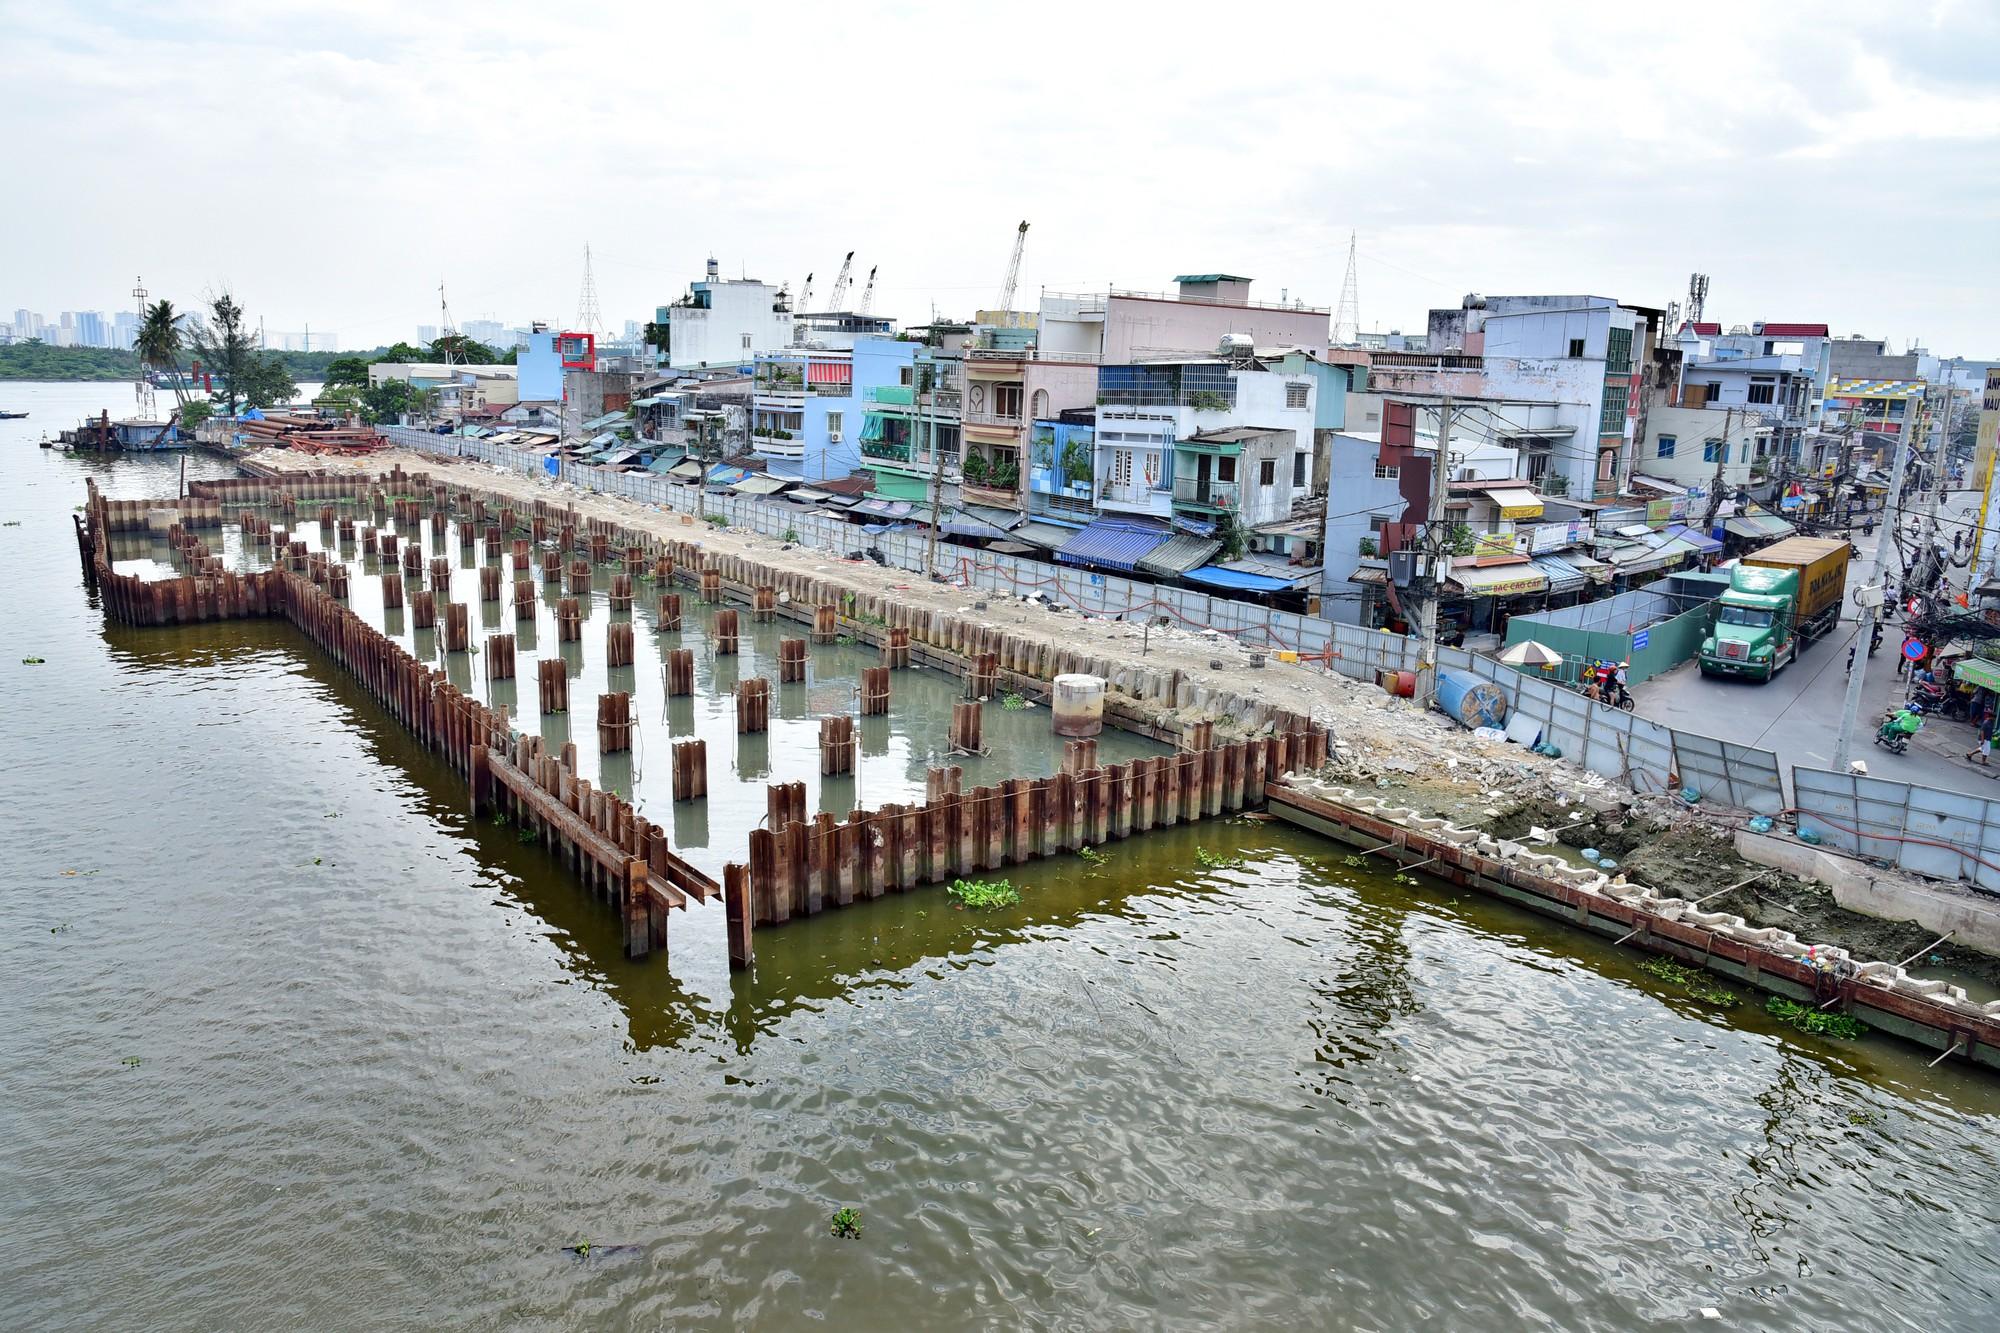 Cận cảnh dự án chống ngập 10.000 tỷ đồng ở Sài Gòn dừng thi công - Ảnh 6.